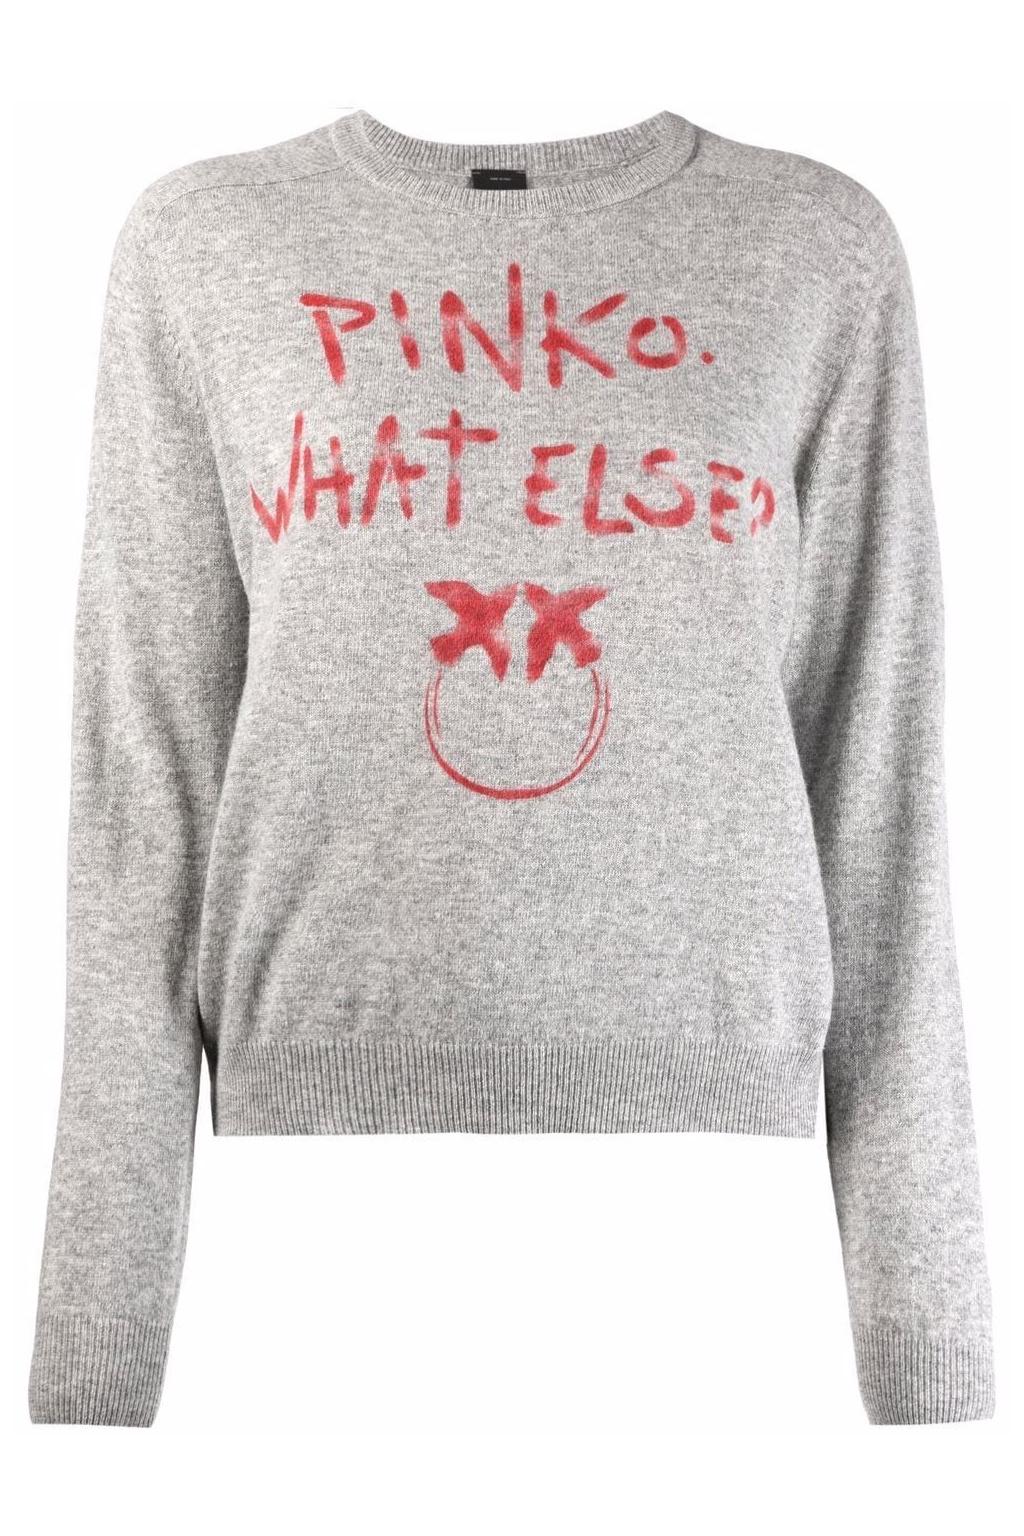 Dámský svetr Pinko Scuderia 1 šedý